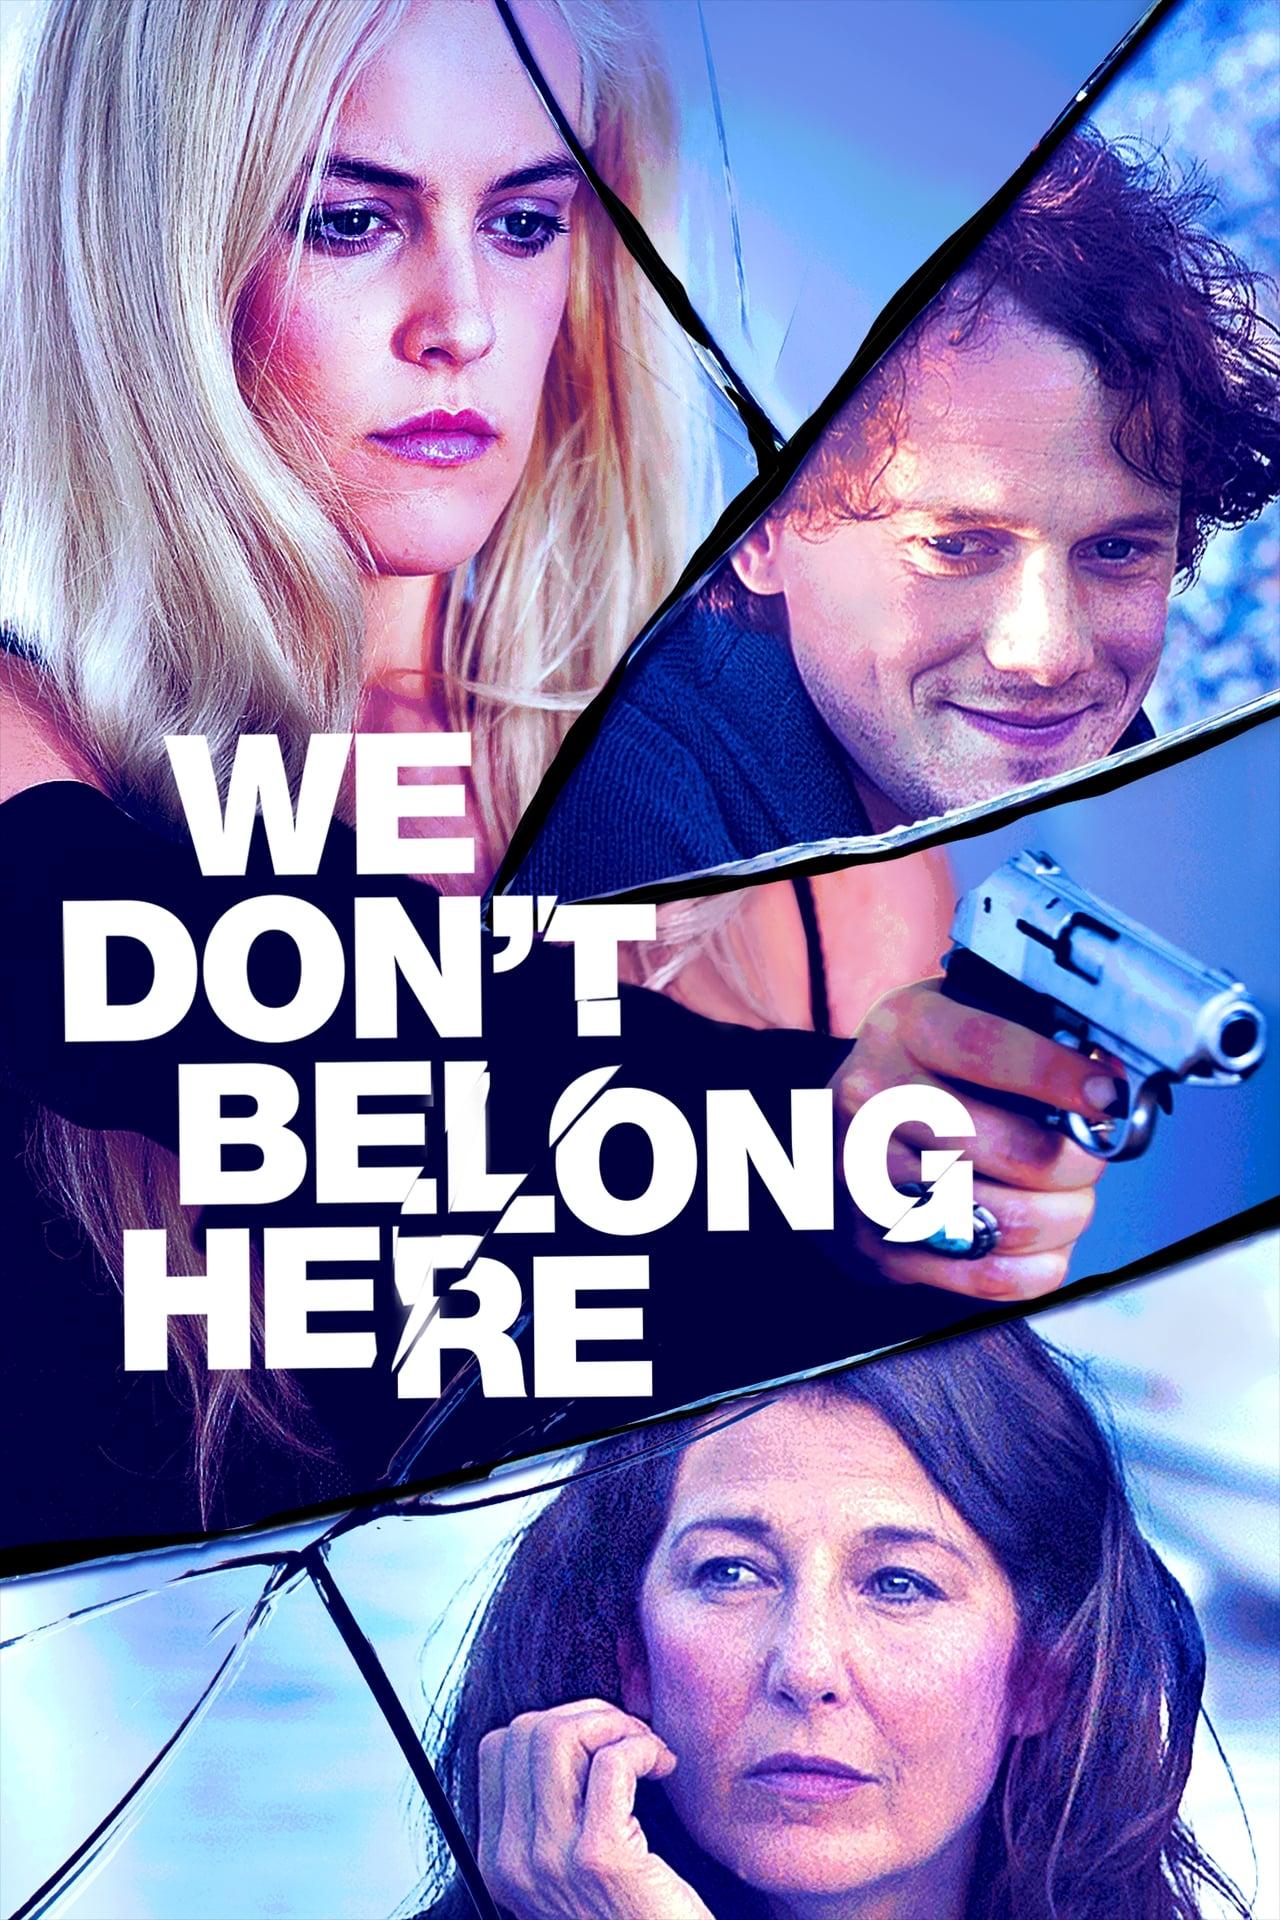 We.Dont.Belong.Here.2017.CUSTOM.WEBRip.x264.HuN-CRLS